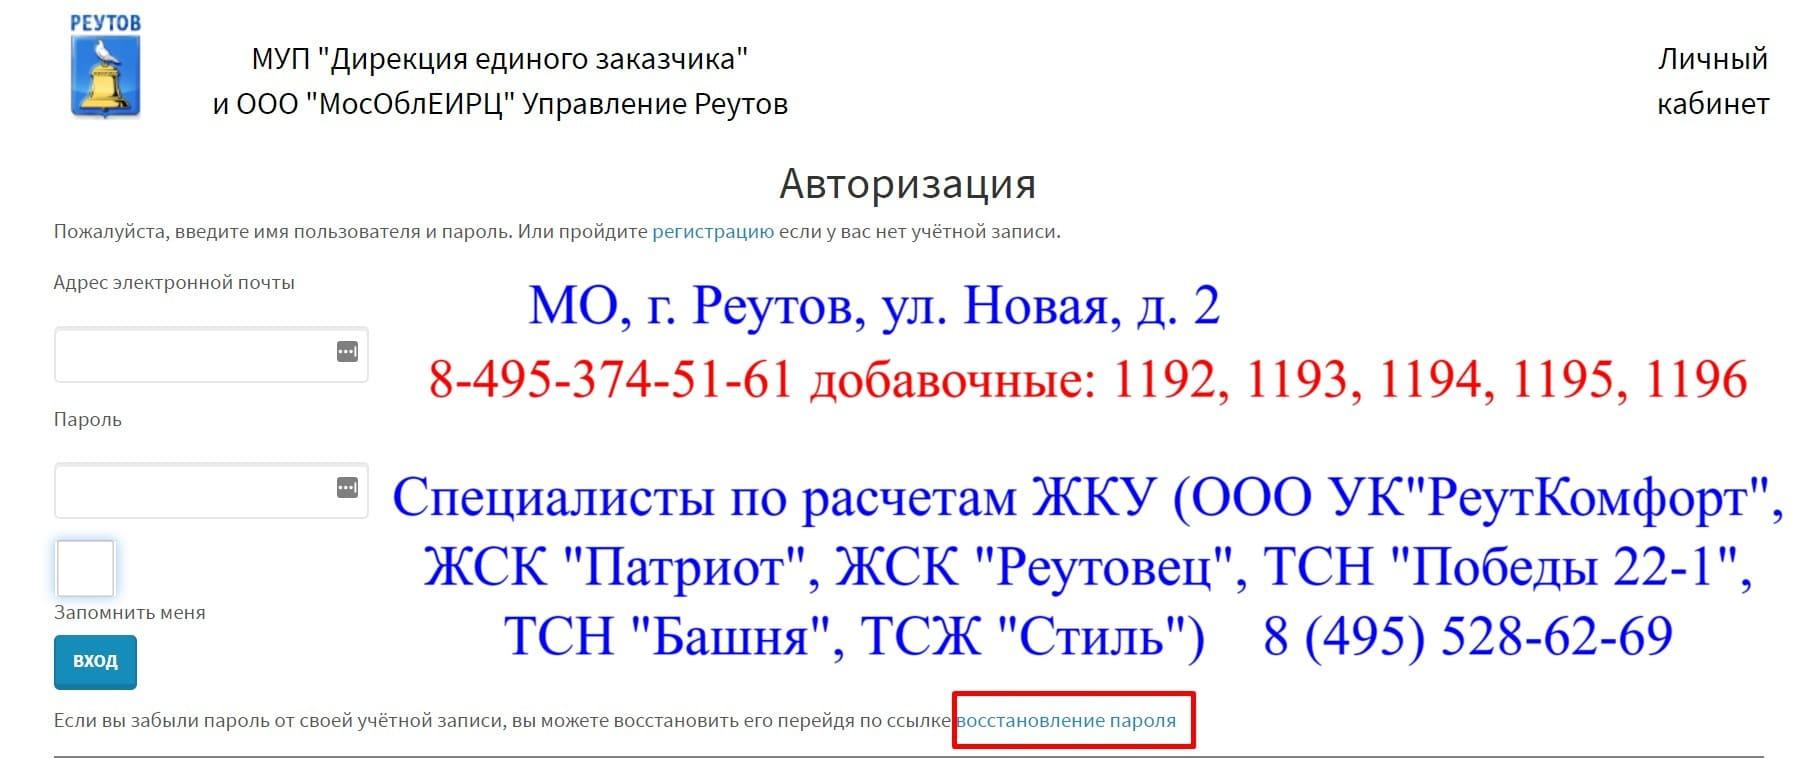 СЦГХ Реутов личный кабинет